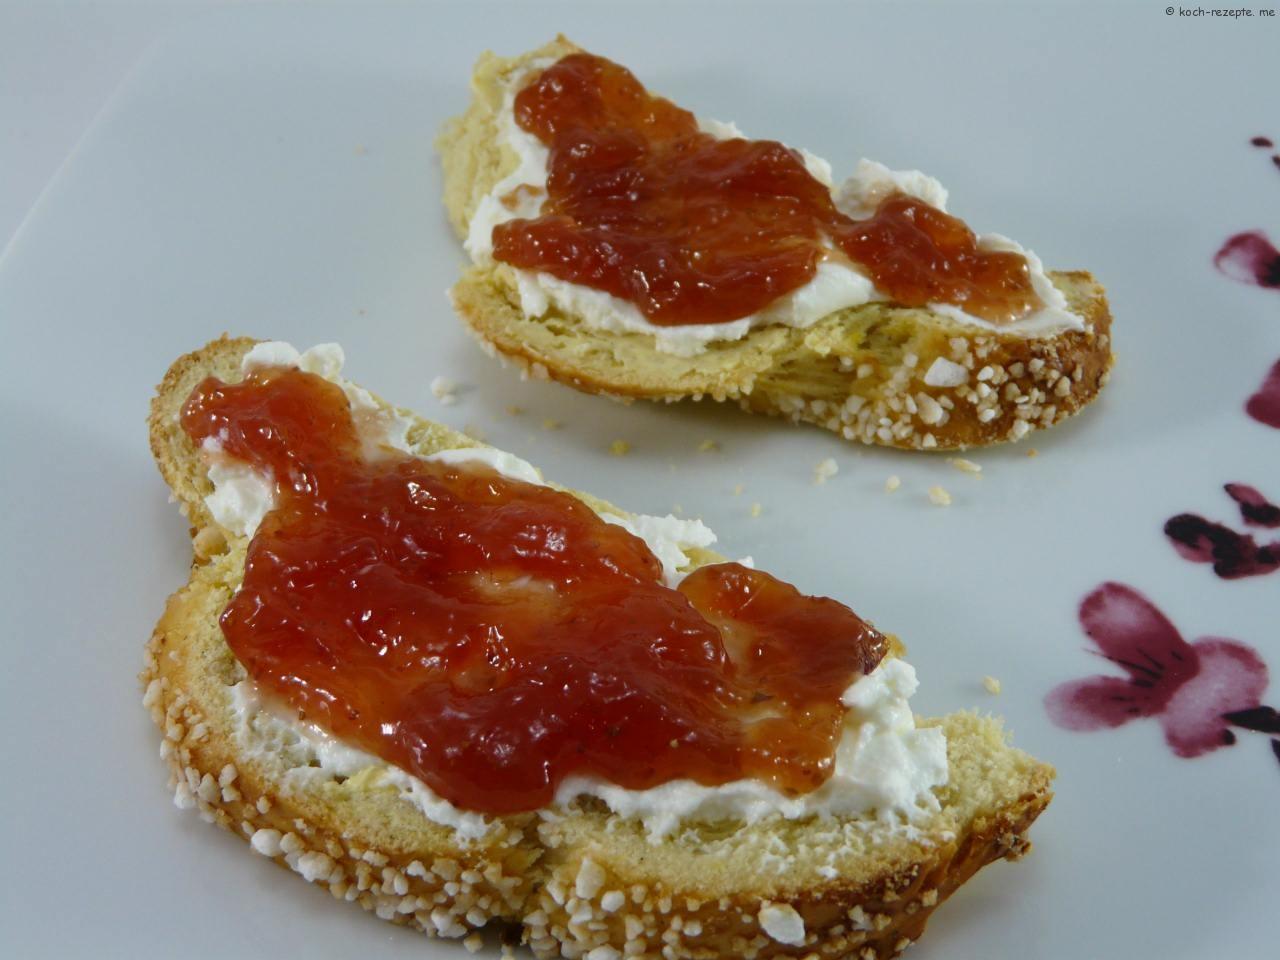 mit Topfen und selbst gemachter Marmelade